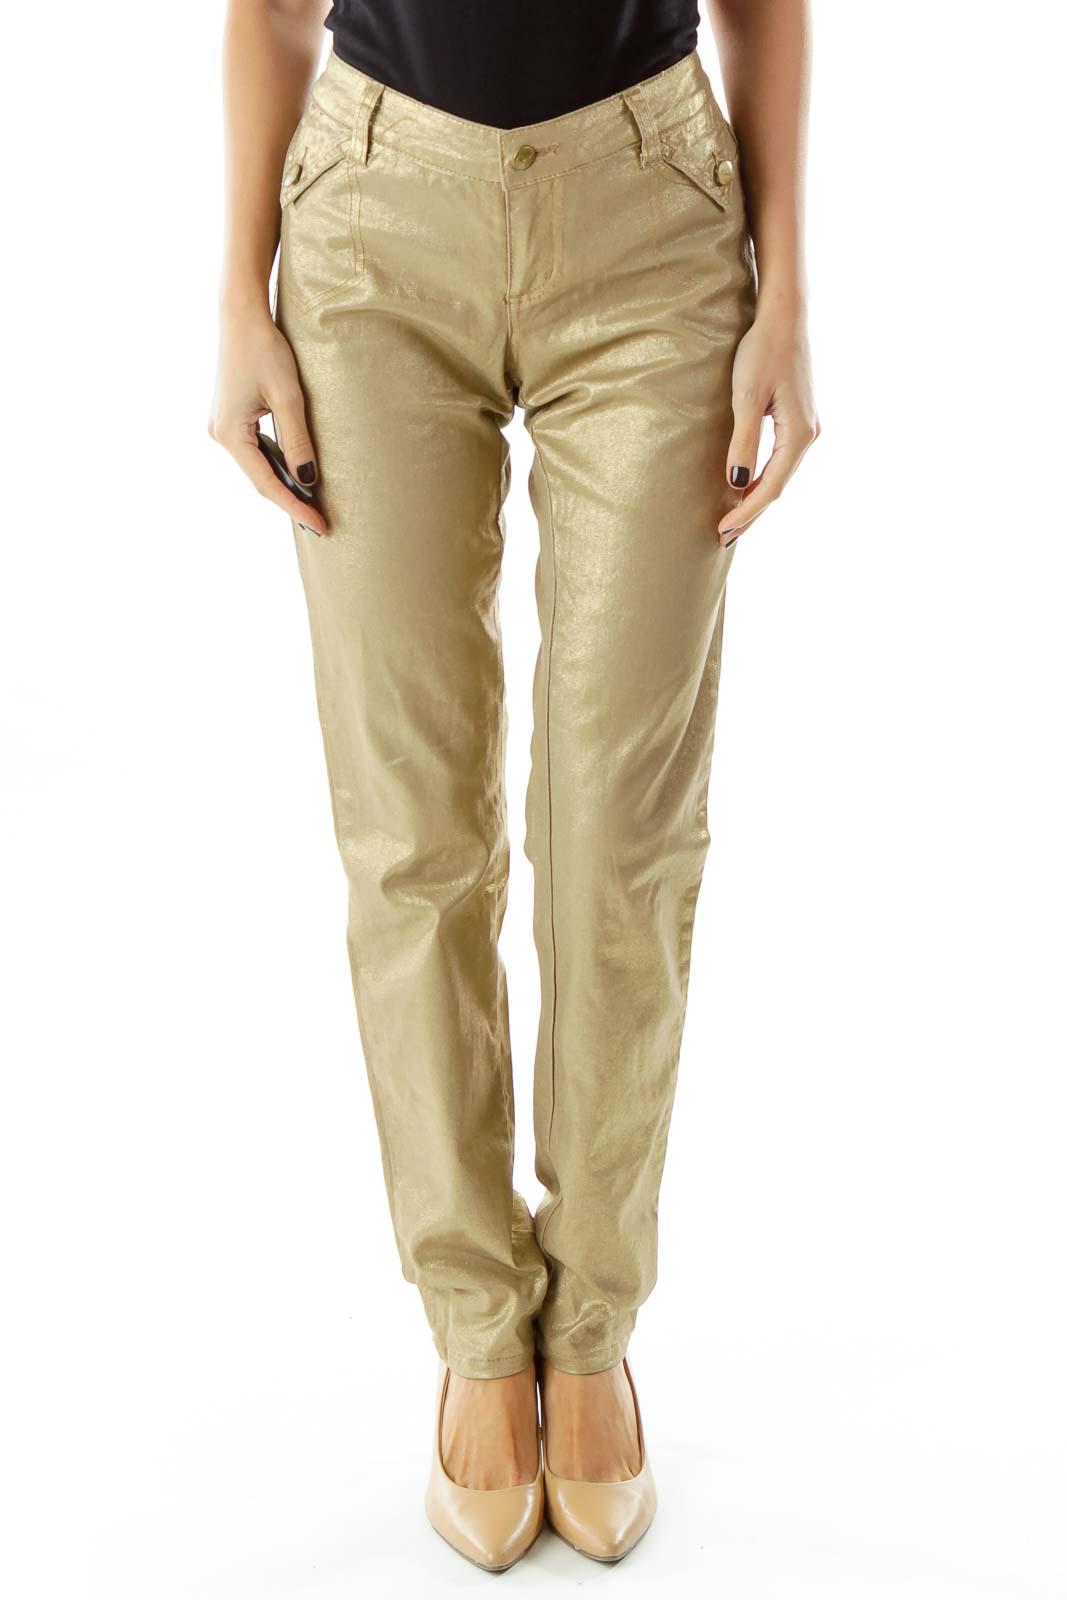 Gold Shiny Skinny Jeans